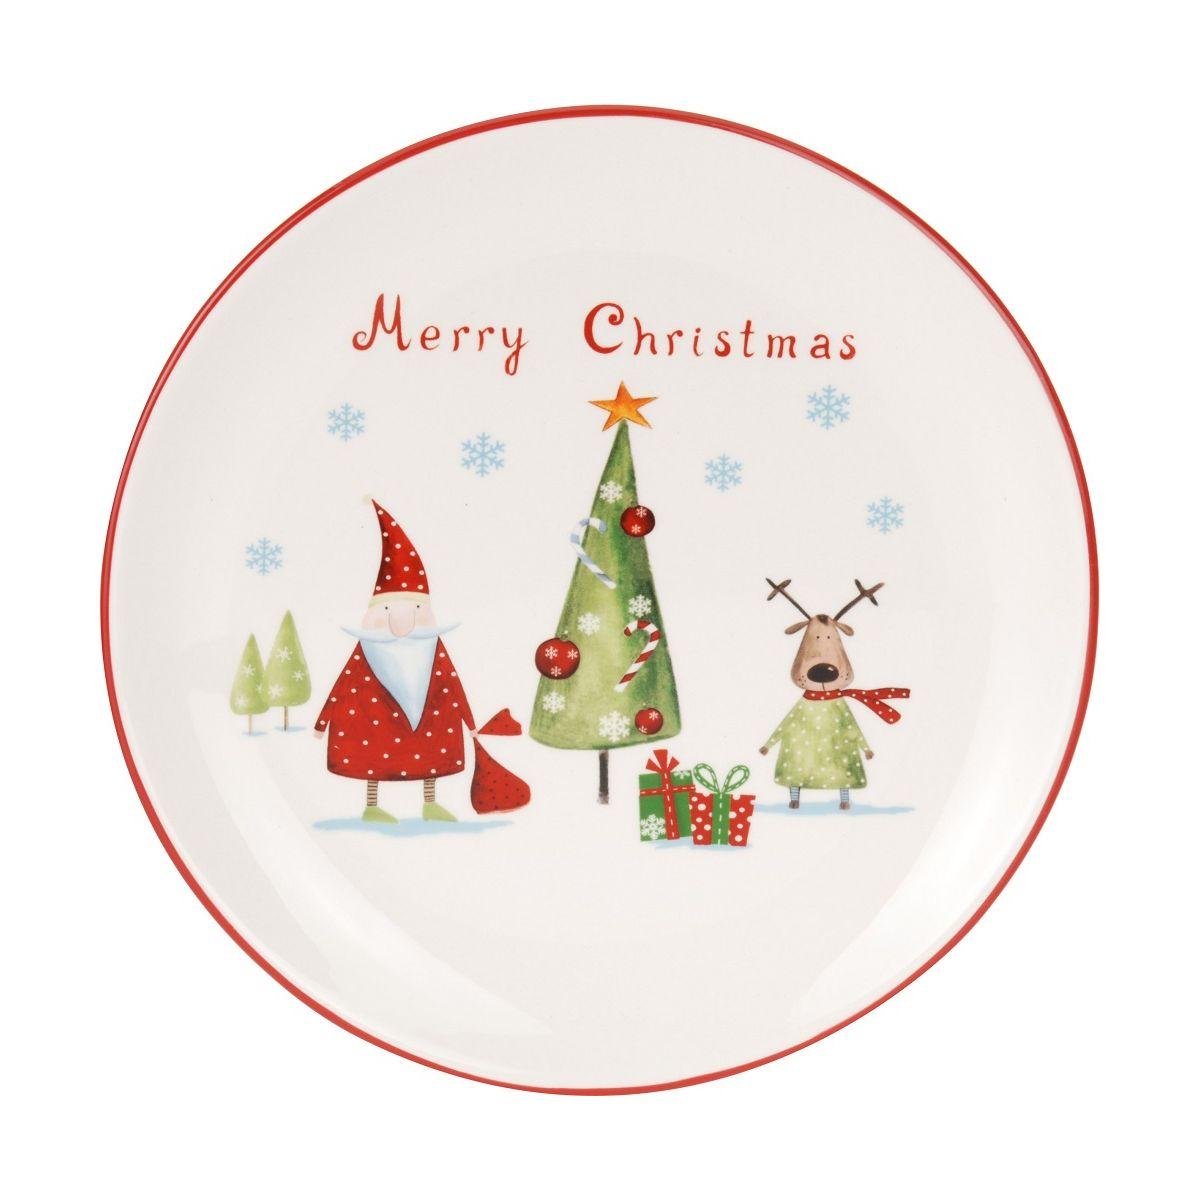 Тарелка Merry christmas 20смтарелка Merry christmas 20см<br>